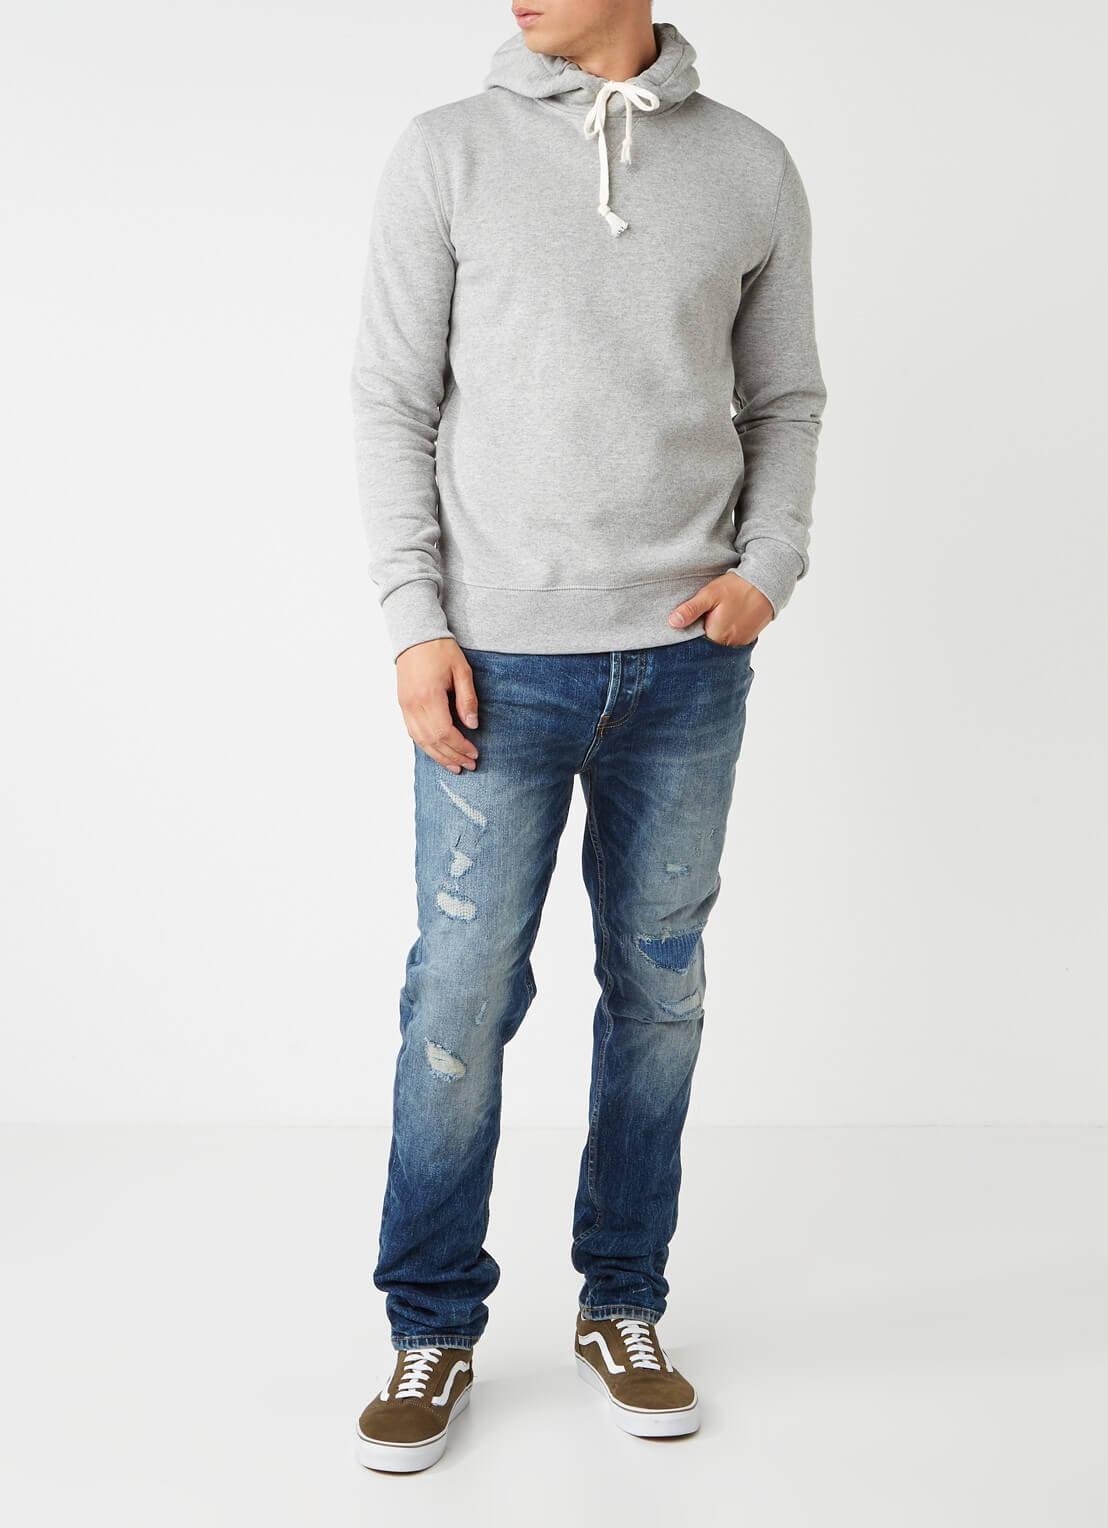 Mixed wear 5 - Mr.Draper